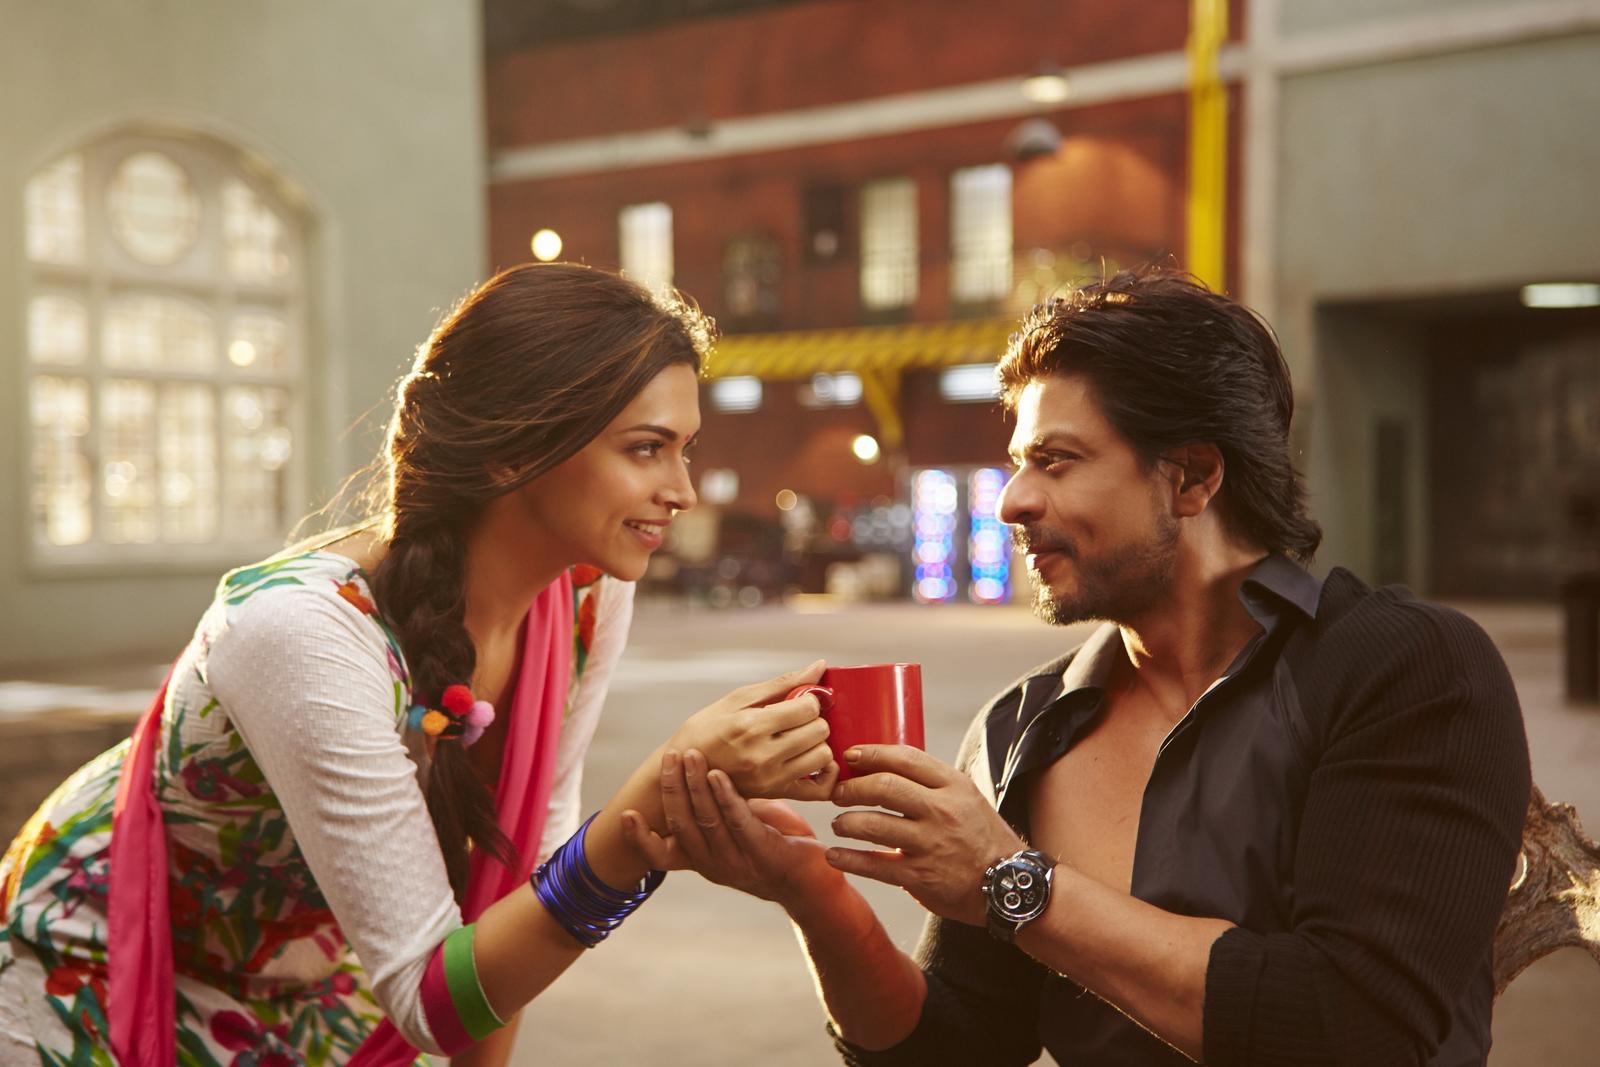 Смотреть индийский фильм с новым годом в хорошем качестве hd